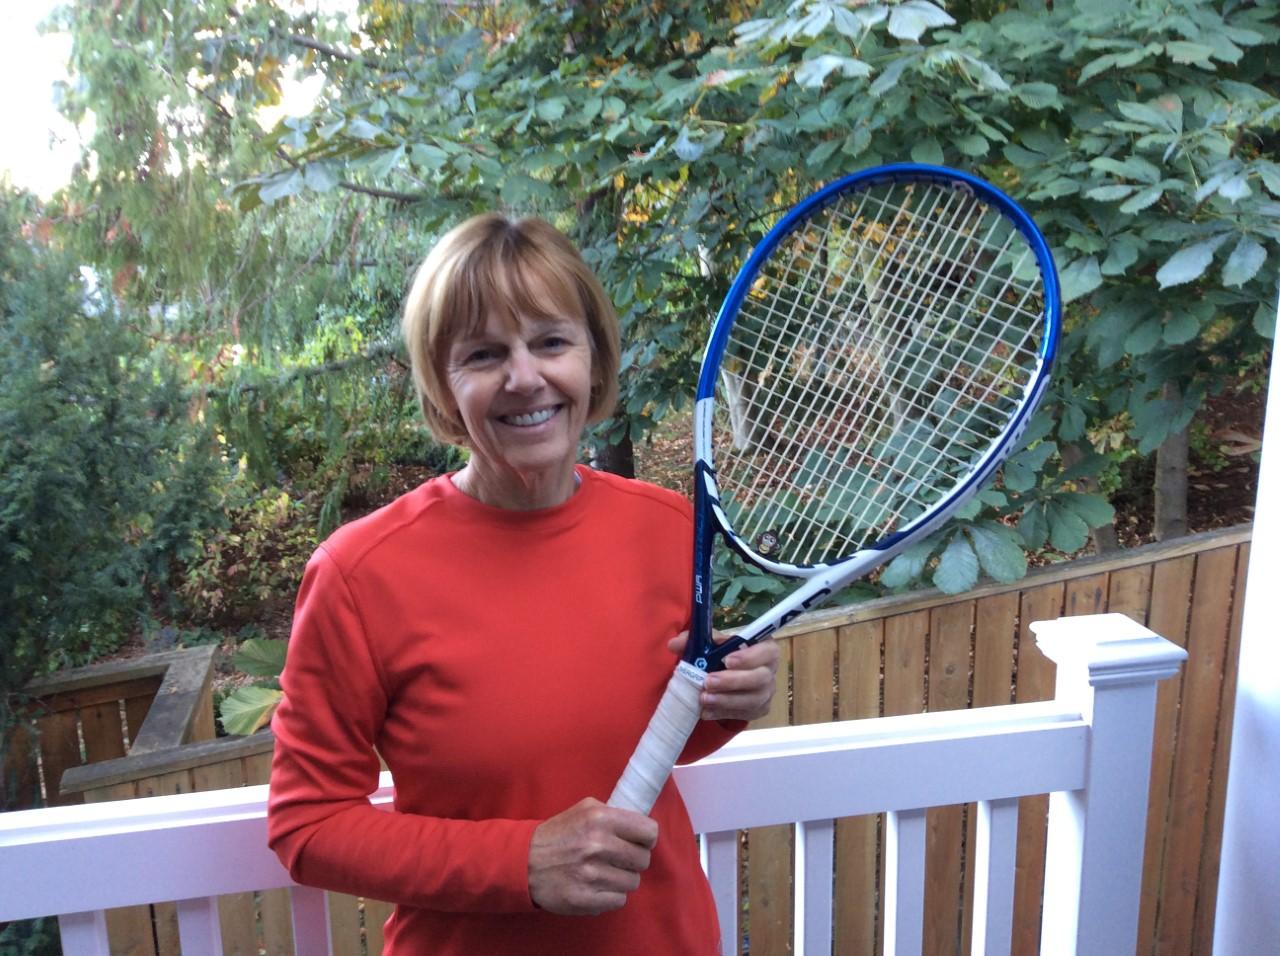 Kathy Fonte